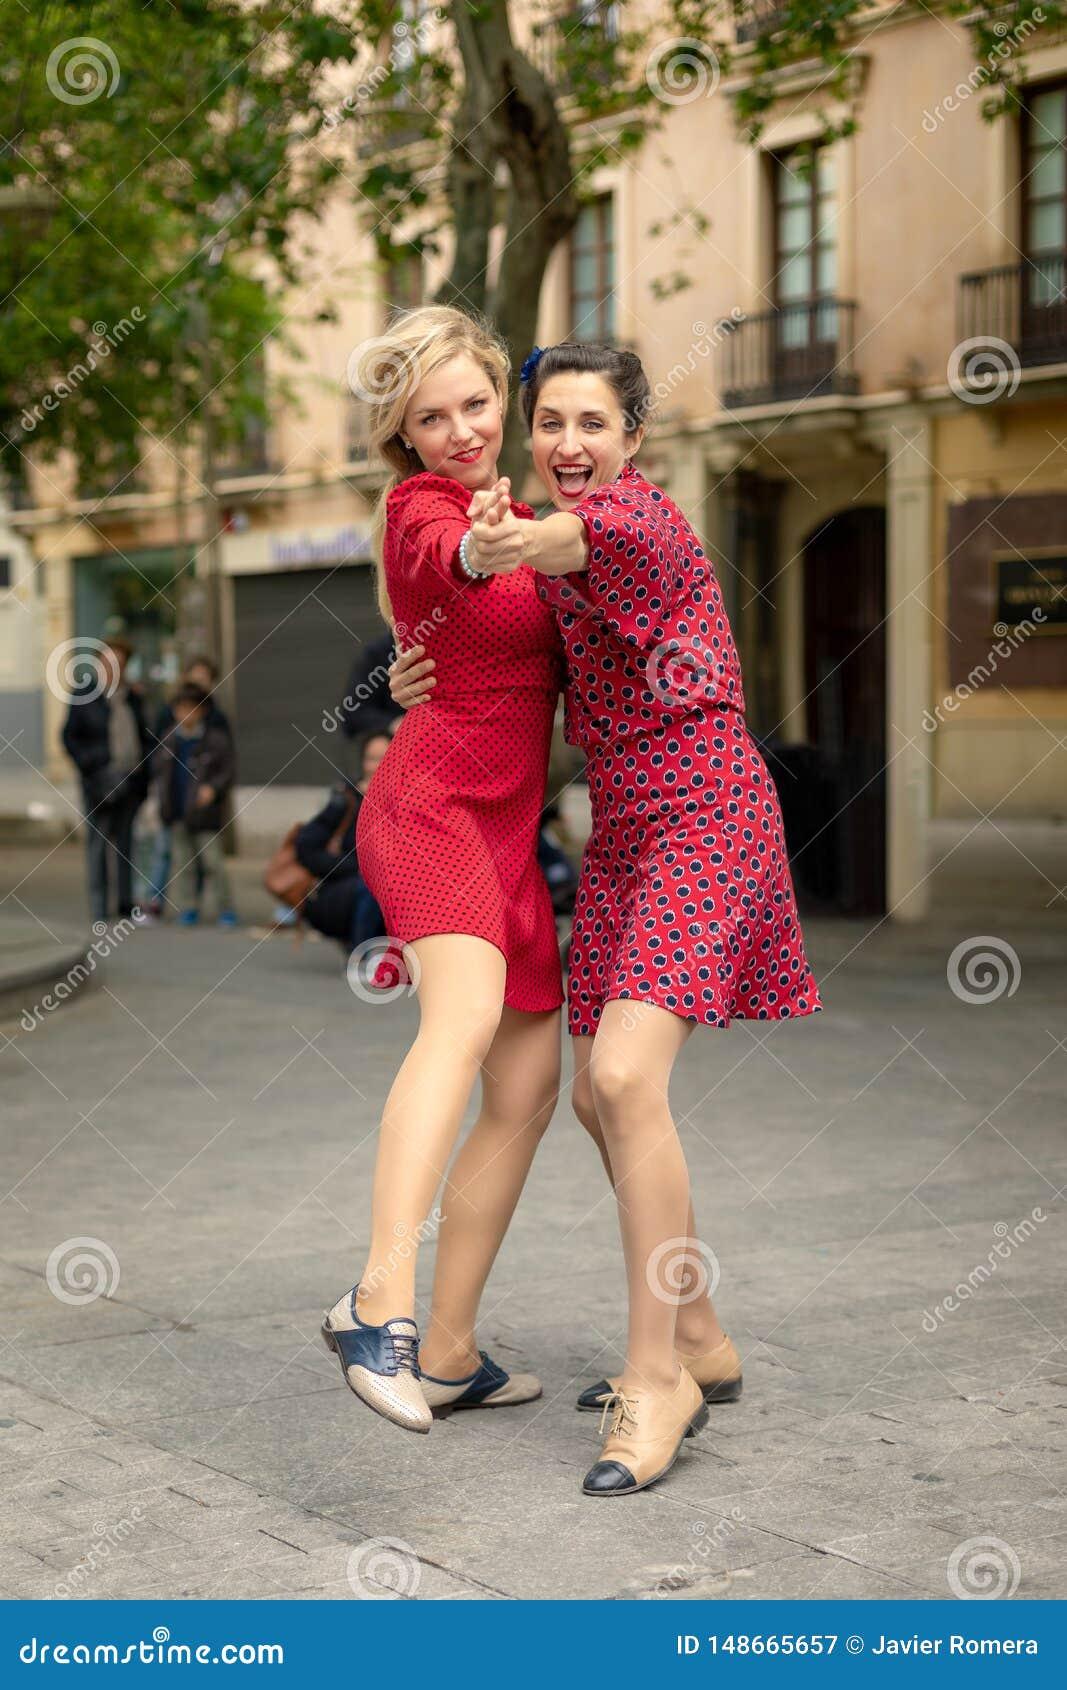 Två kvinnor i röd dans omfamnade lyckligt i gatan